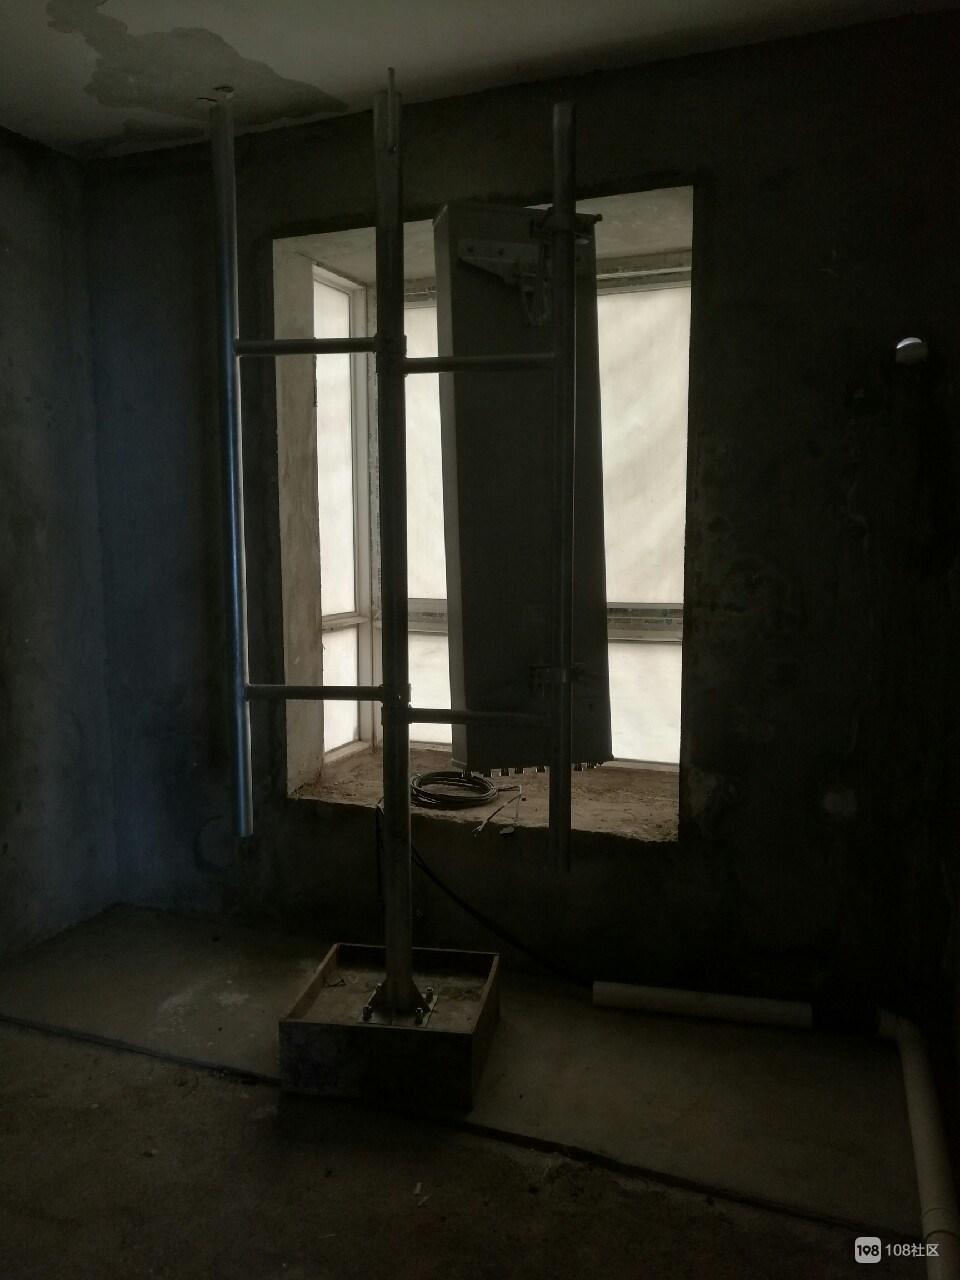 镇巴佬惊人发现 楼上竟是个通讯基站!使用很久没人知道